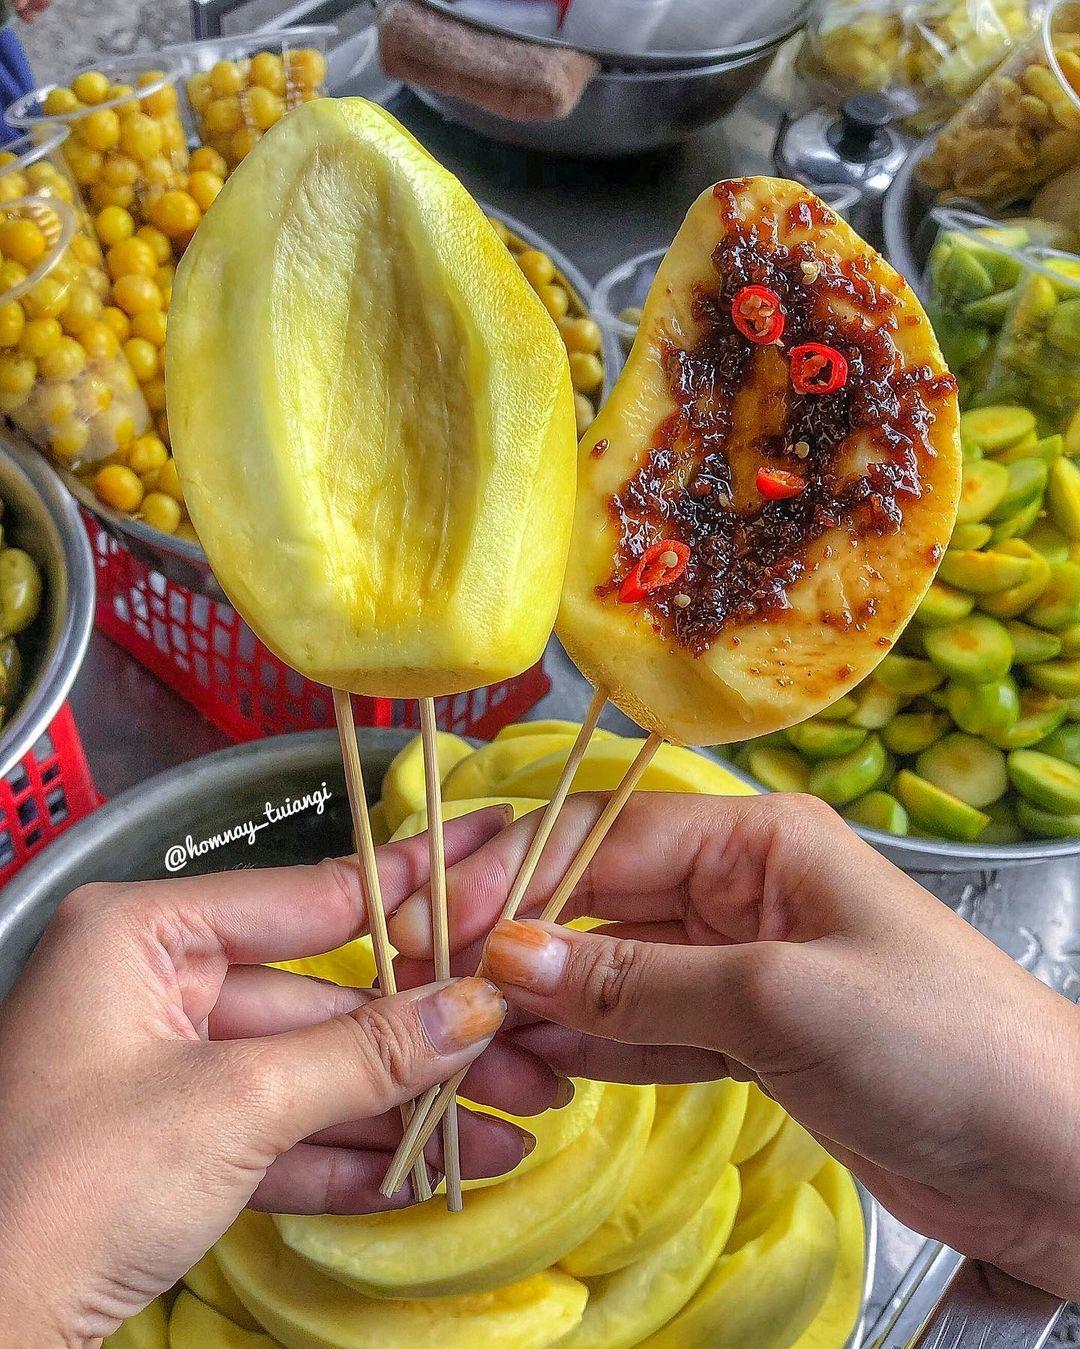 """Tp Hồ Chí Minh: Kỳ lạ, xe trái cây dạo 30 năm """"gây nghiện"""" với món lạ """"ổi luộc chấm mắm ruốc"""" - Ảnh 4."""